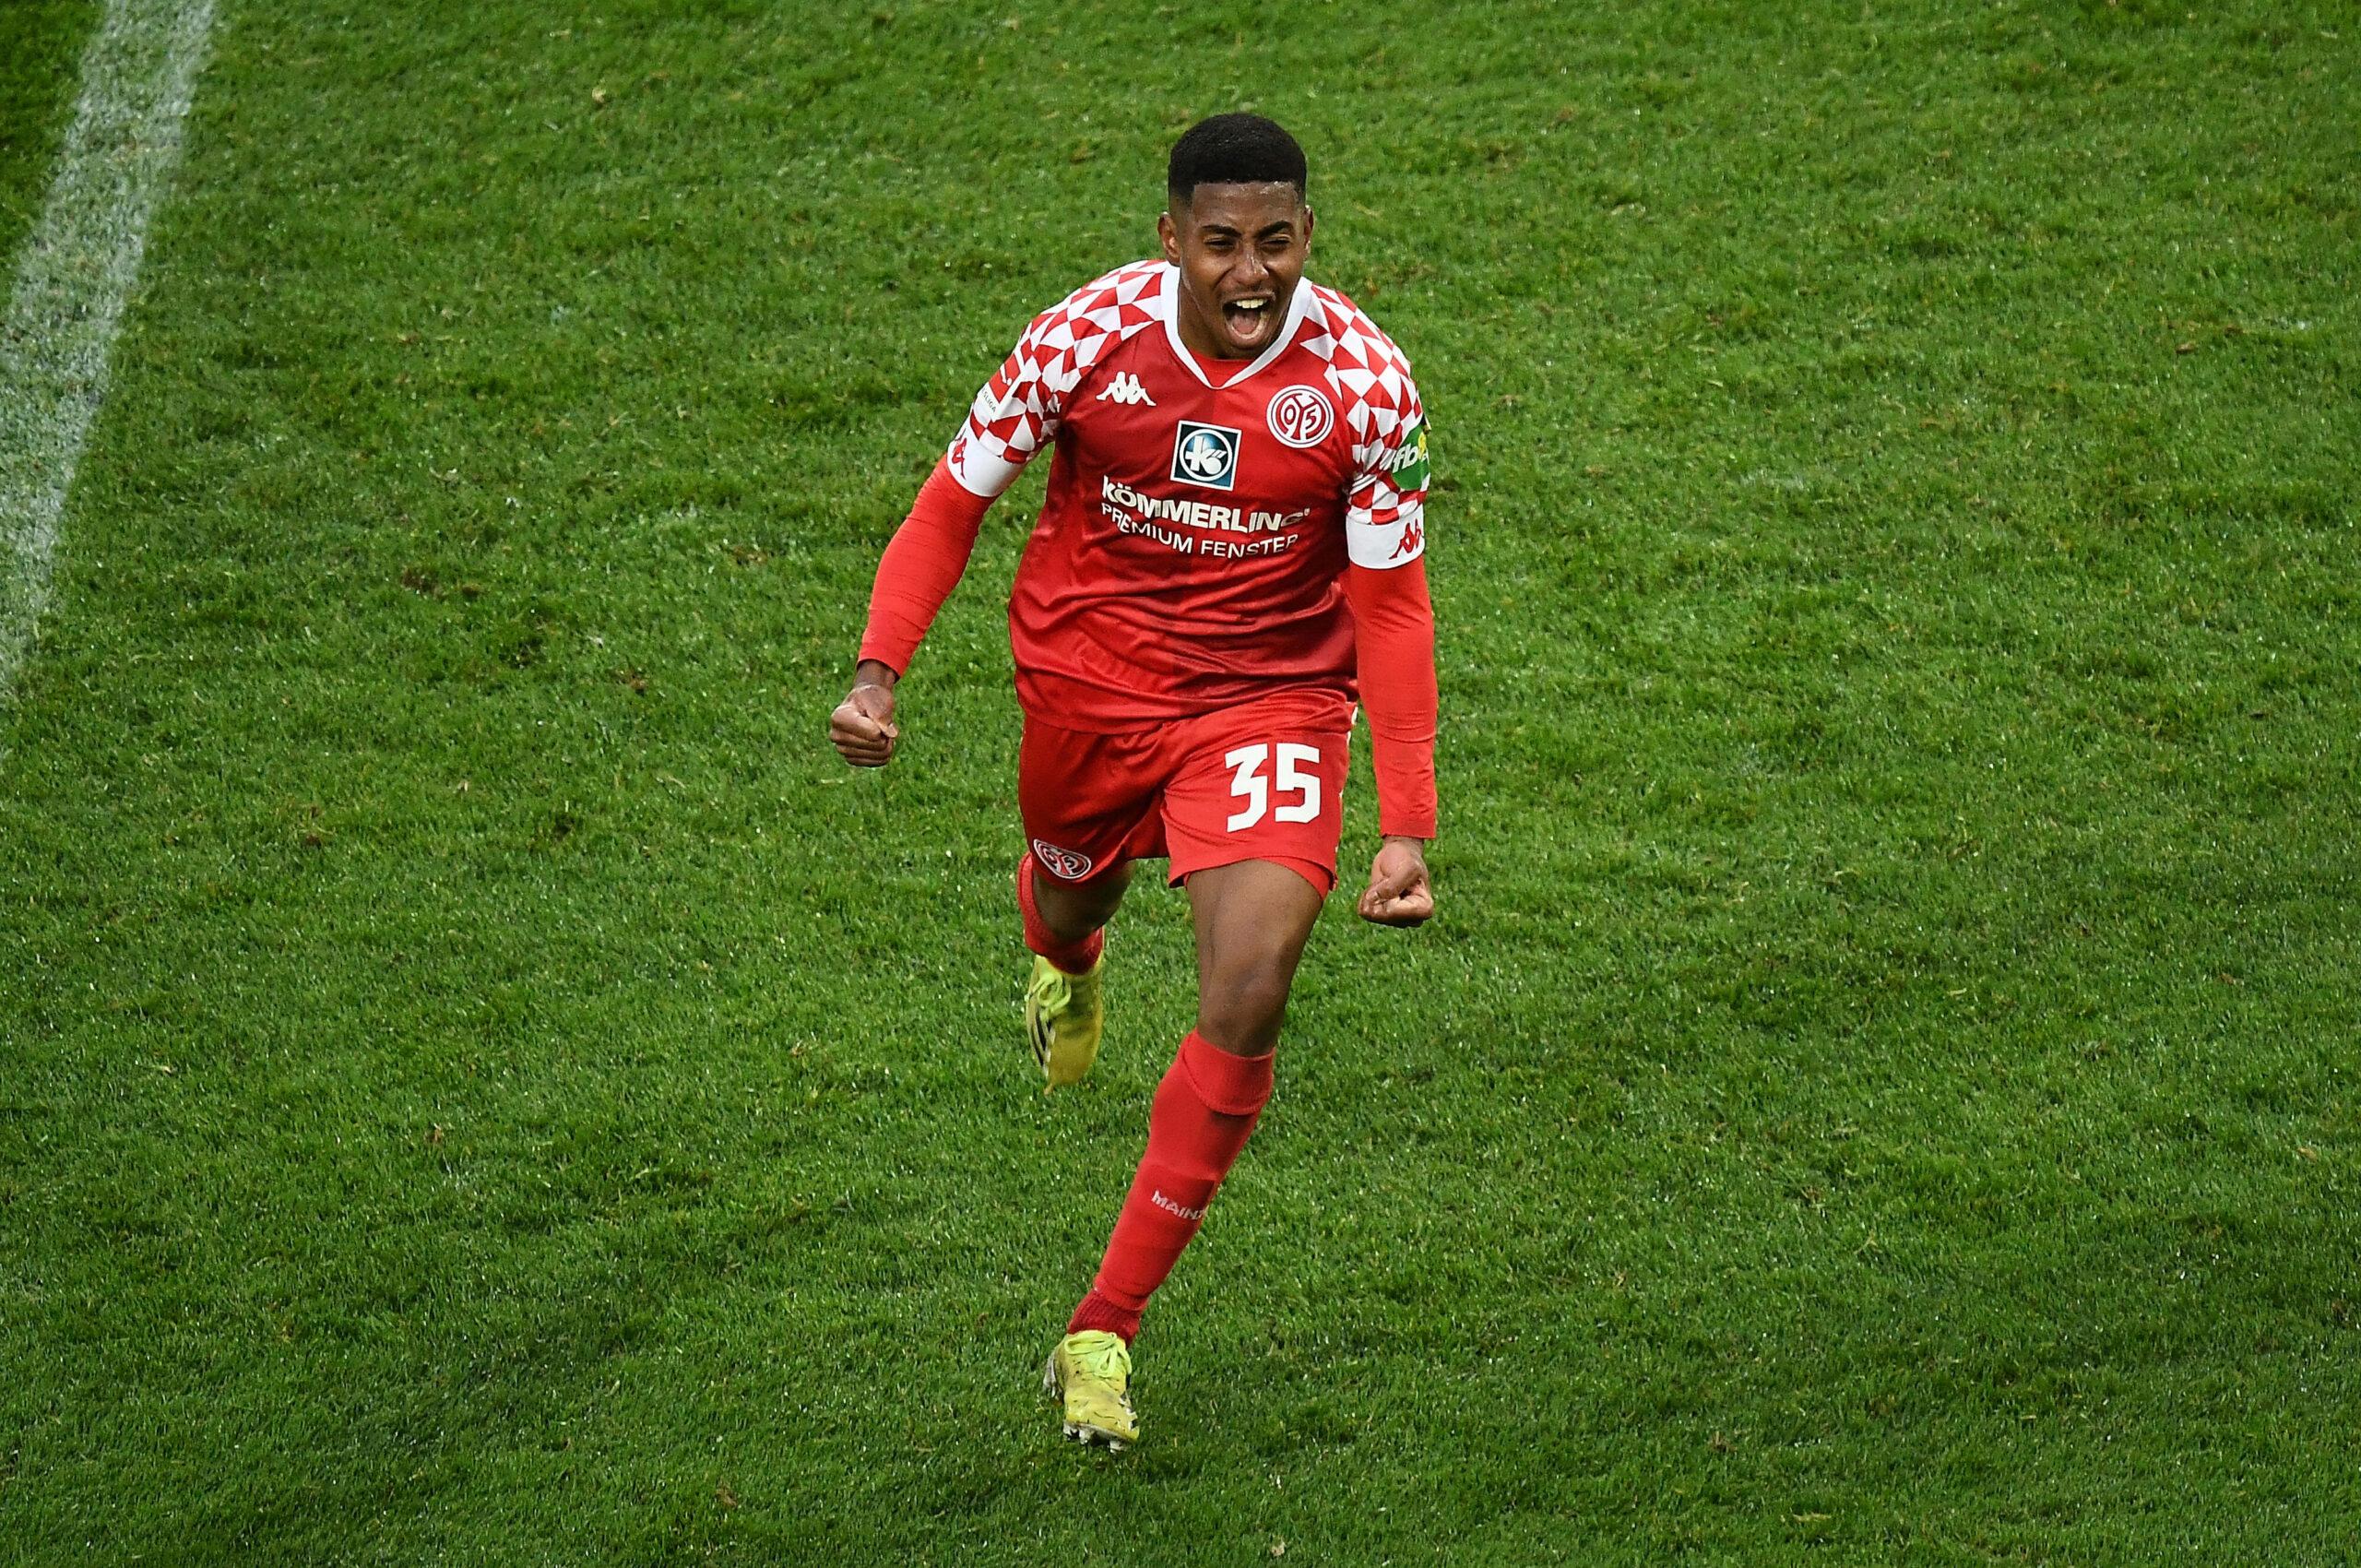 Barreiro Mainz 05